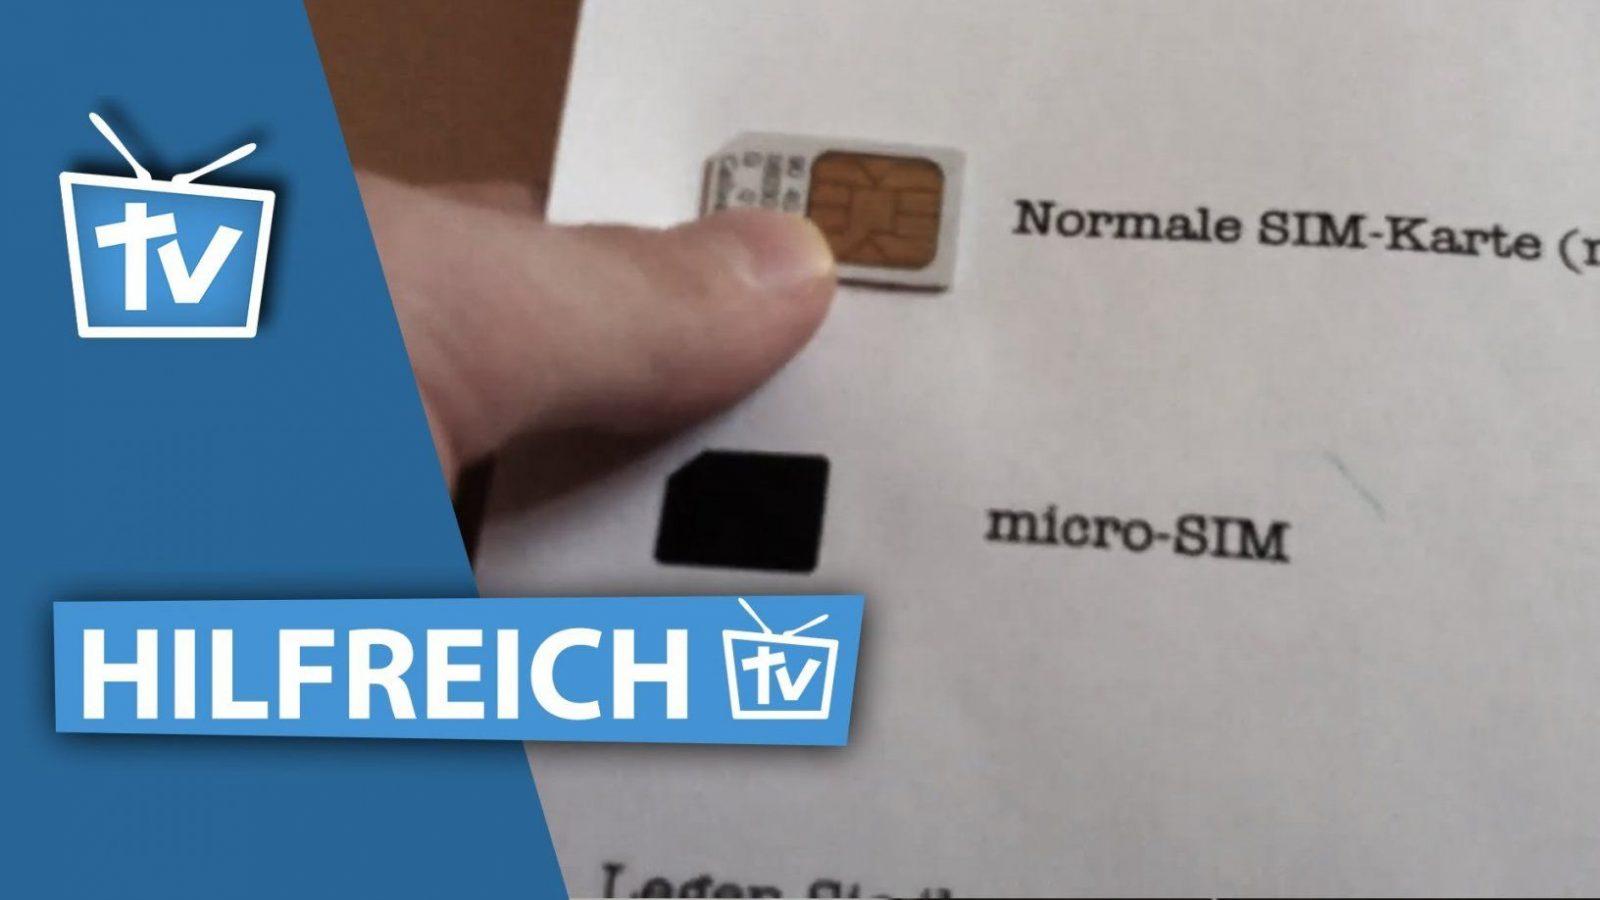 Wie Kann Ich Micro Sim Karte Selber Machen  Micro Sim Karte von Nano Sim Zu Micro Sim Adapter Selber Bauen Bild